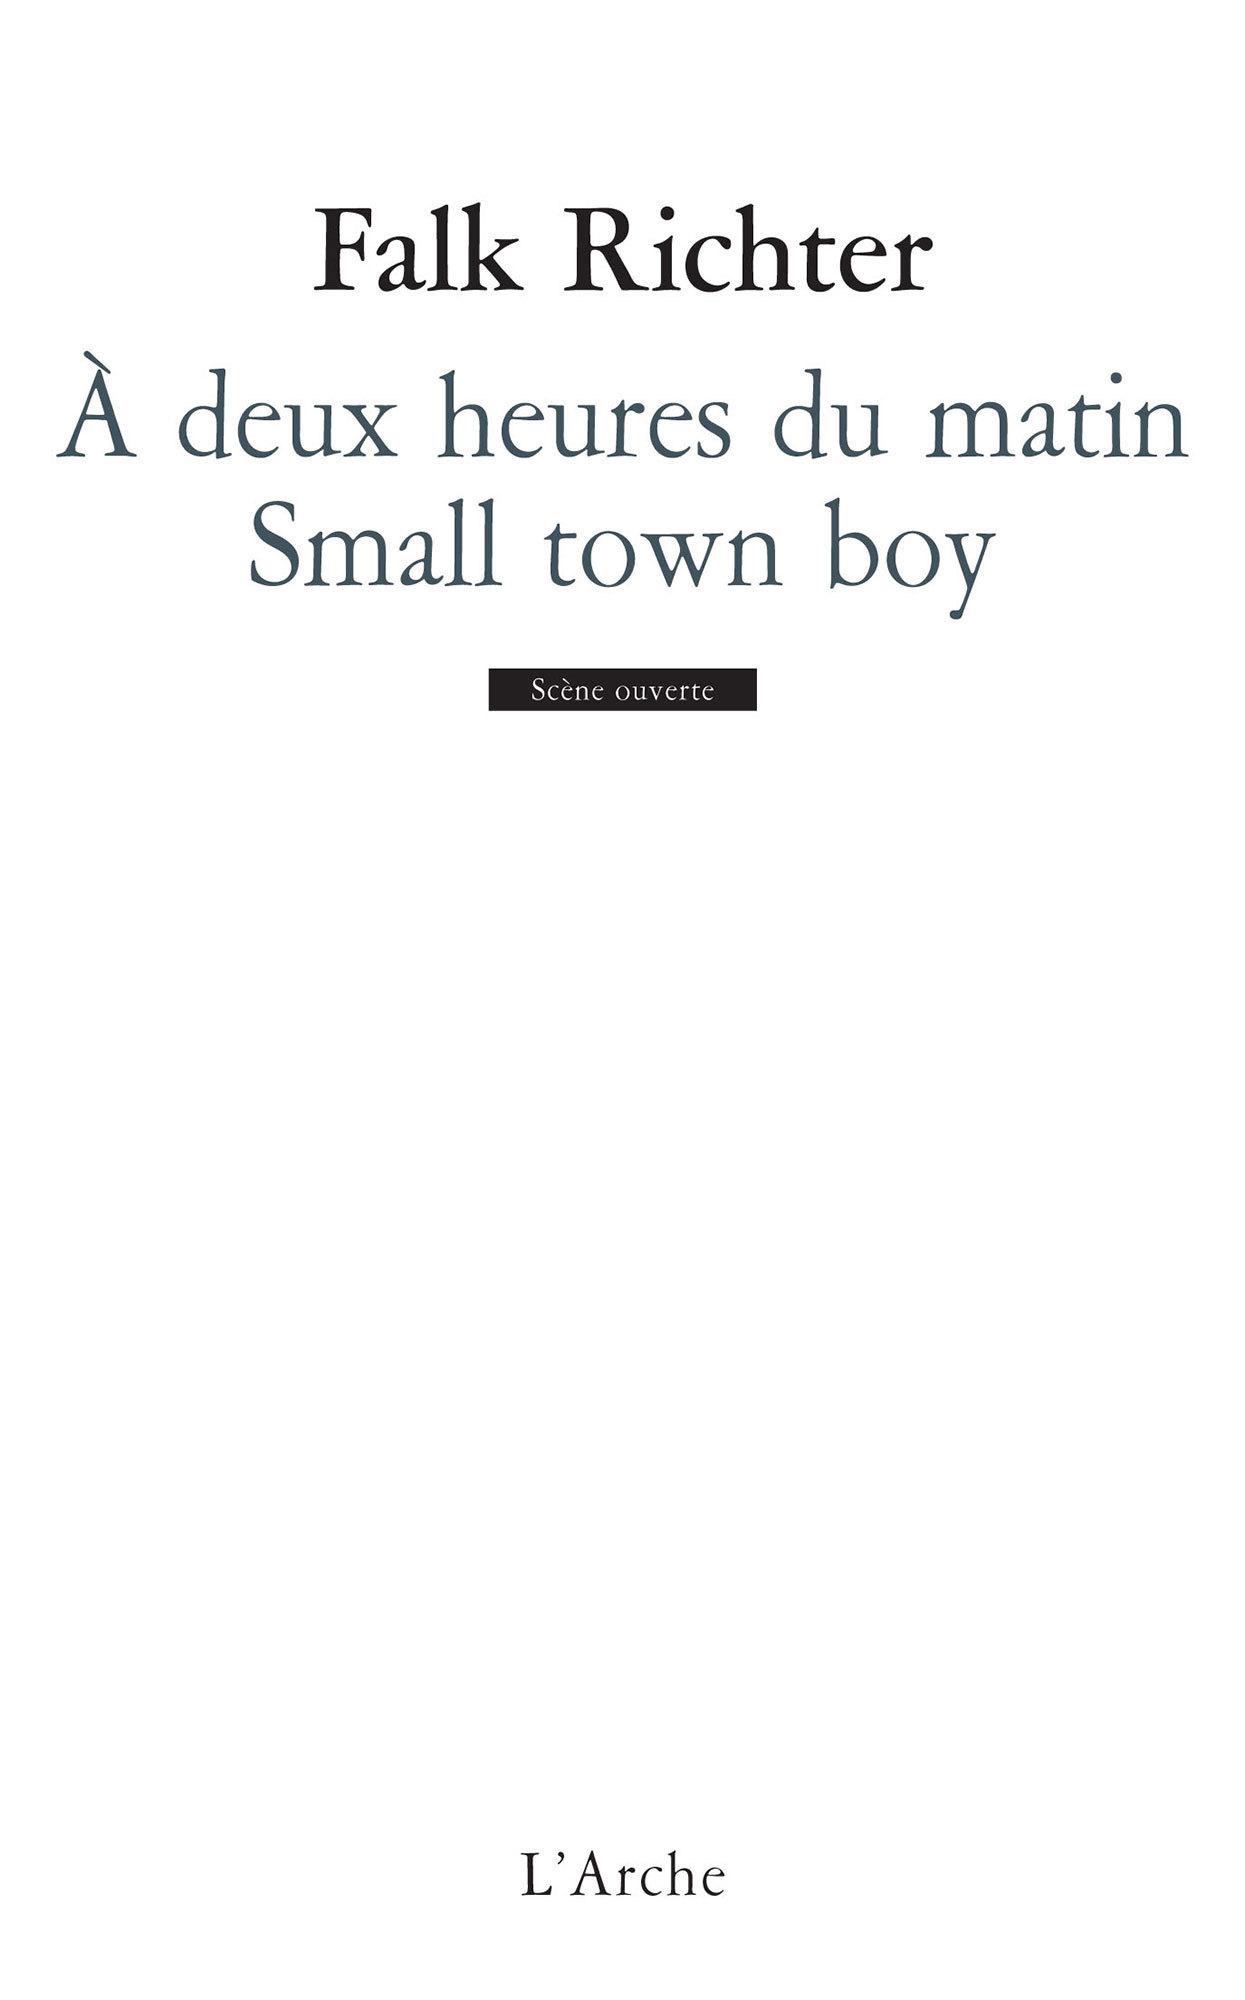 A DEUX HEURES DU MATIN / SMALL TOWN BOY